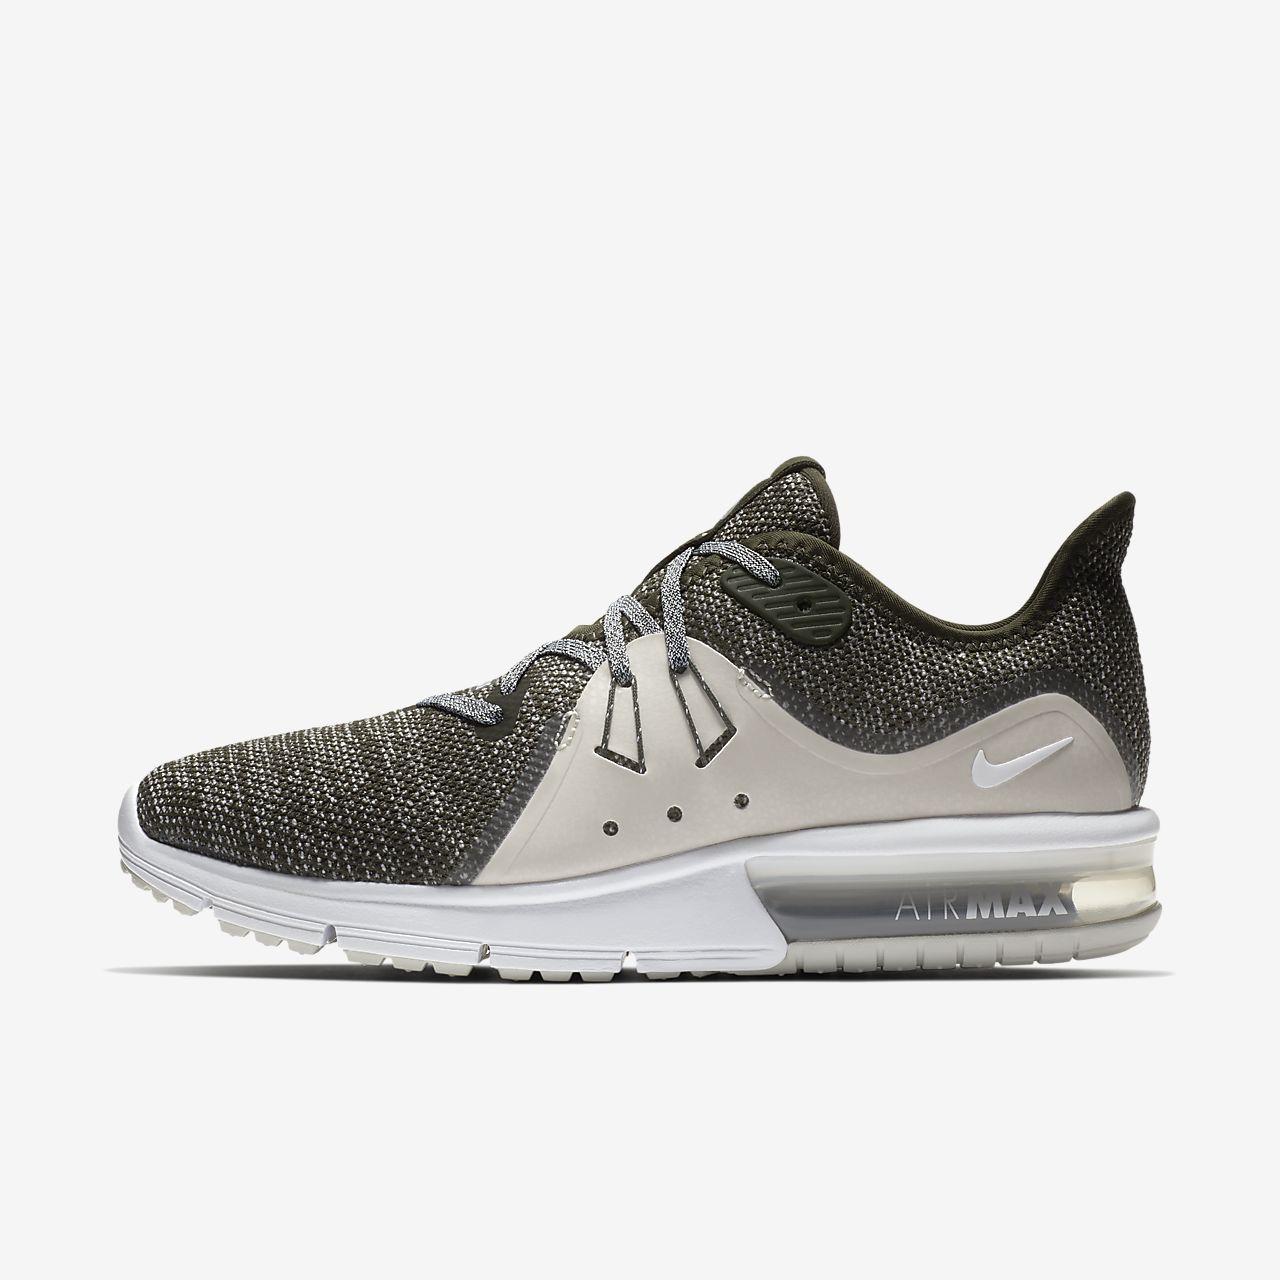 e1f08e55dd557a Nike Air Max Sequent 3 3 3 Damen-Laufschuh Mode Schuhe-AR2833DS ab6007